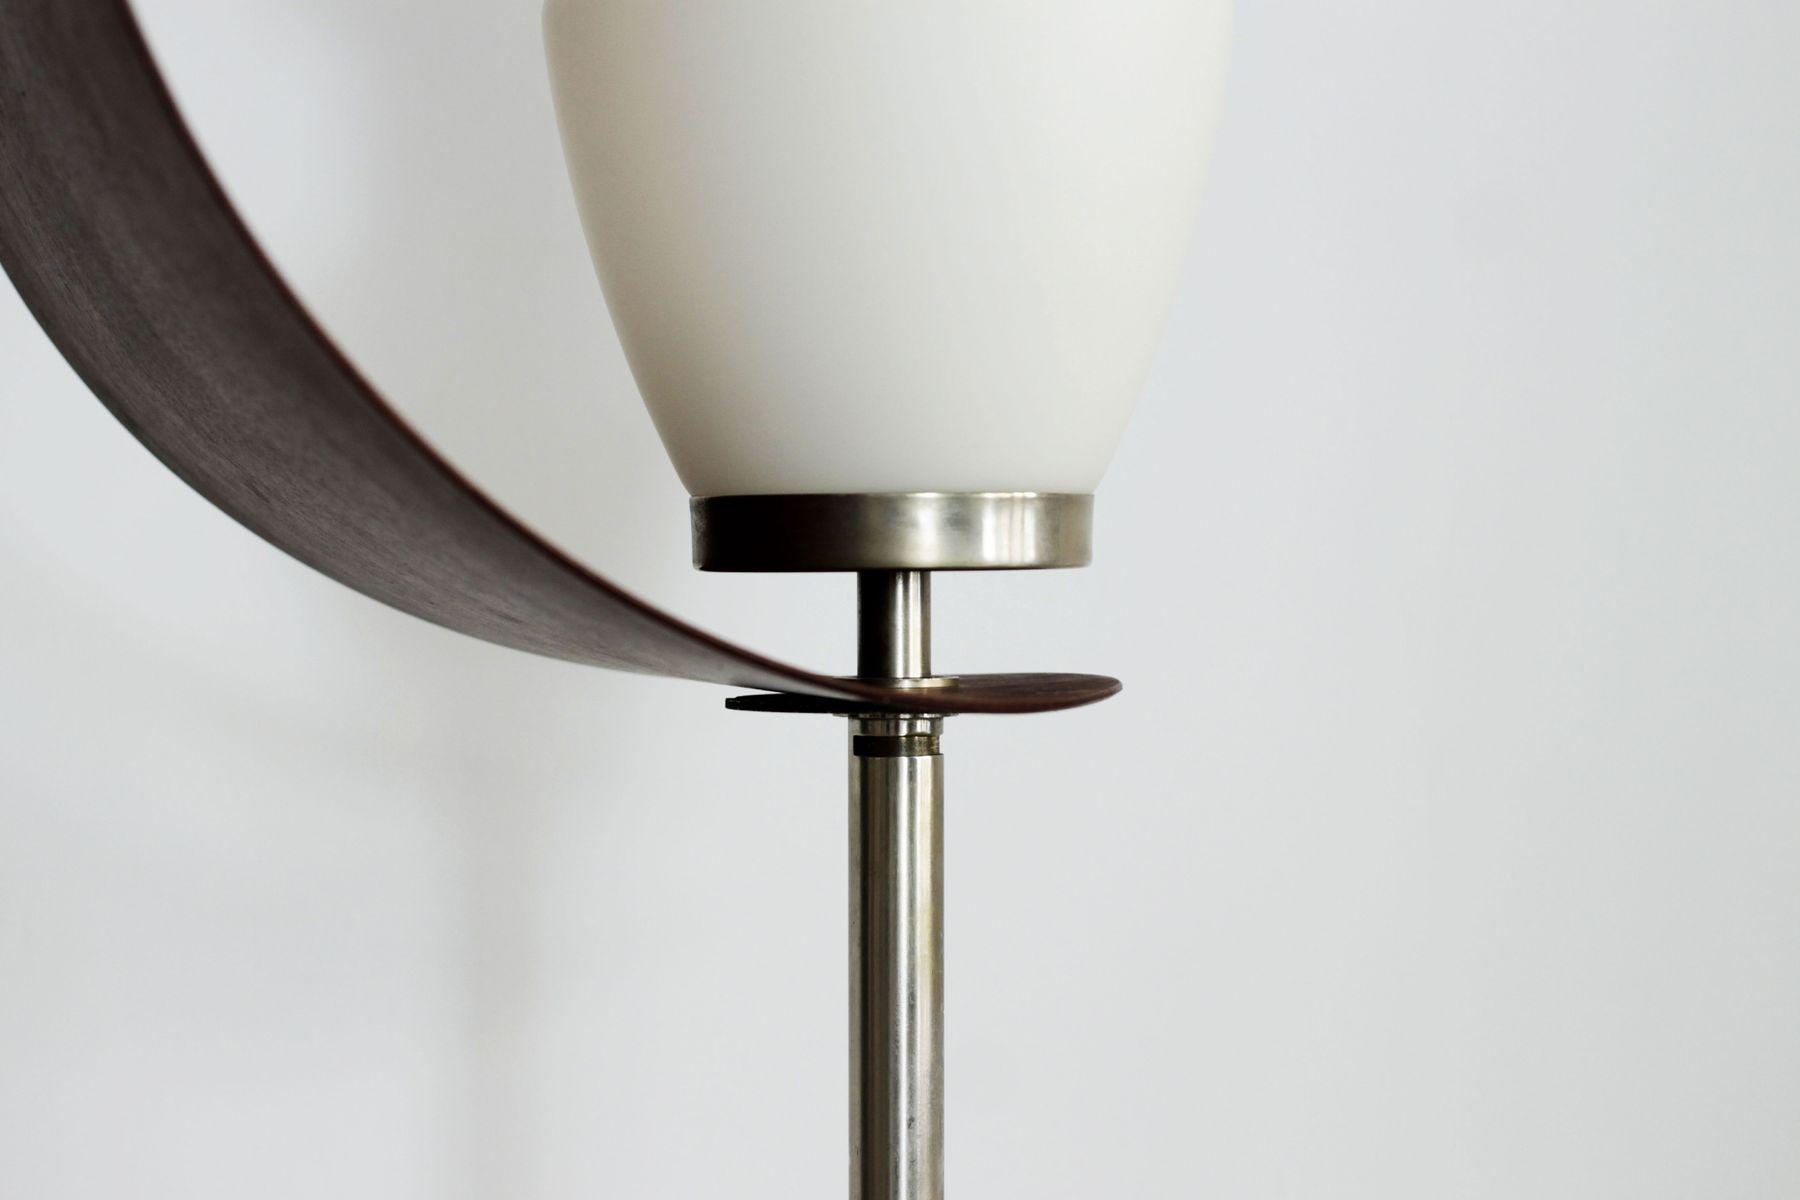 lamp lampadari : ... Floor Lamp by Gianfranco Reggiani for Regianni Lampadari, 1960s 8